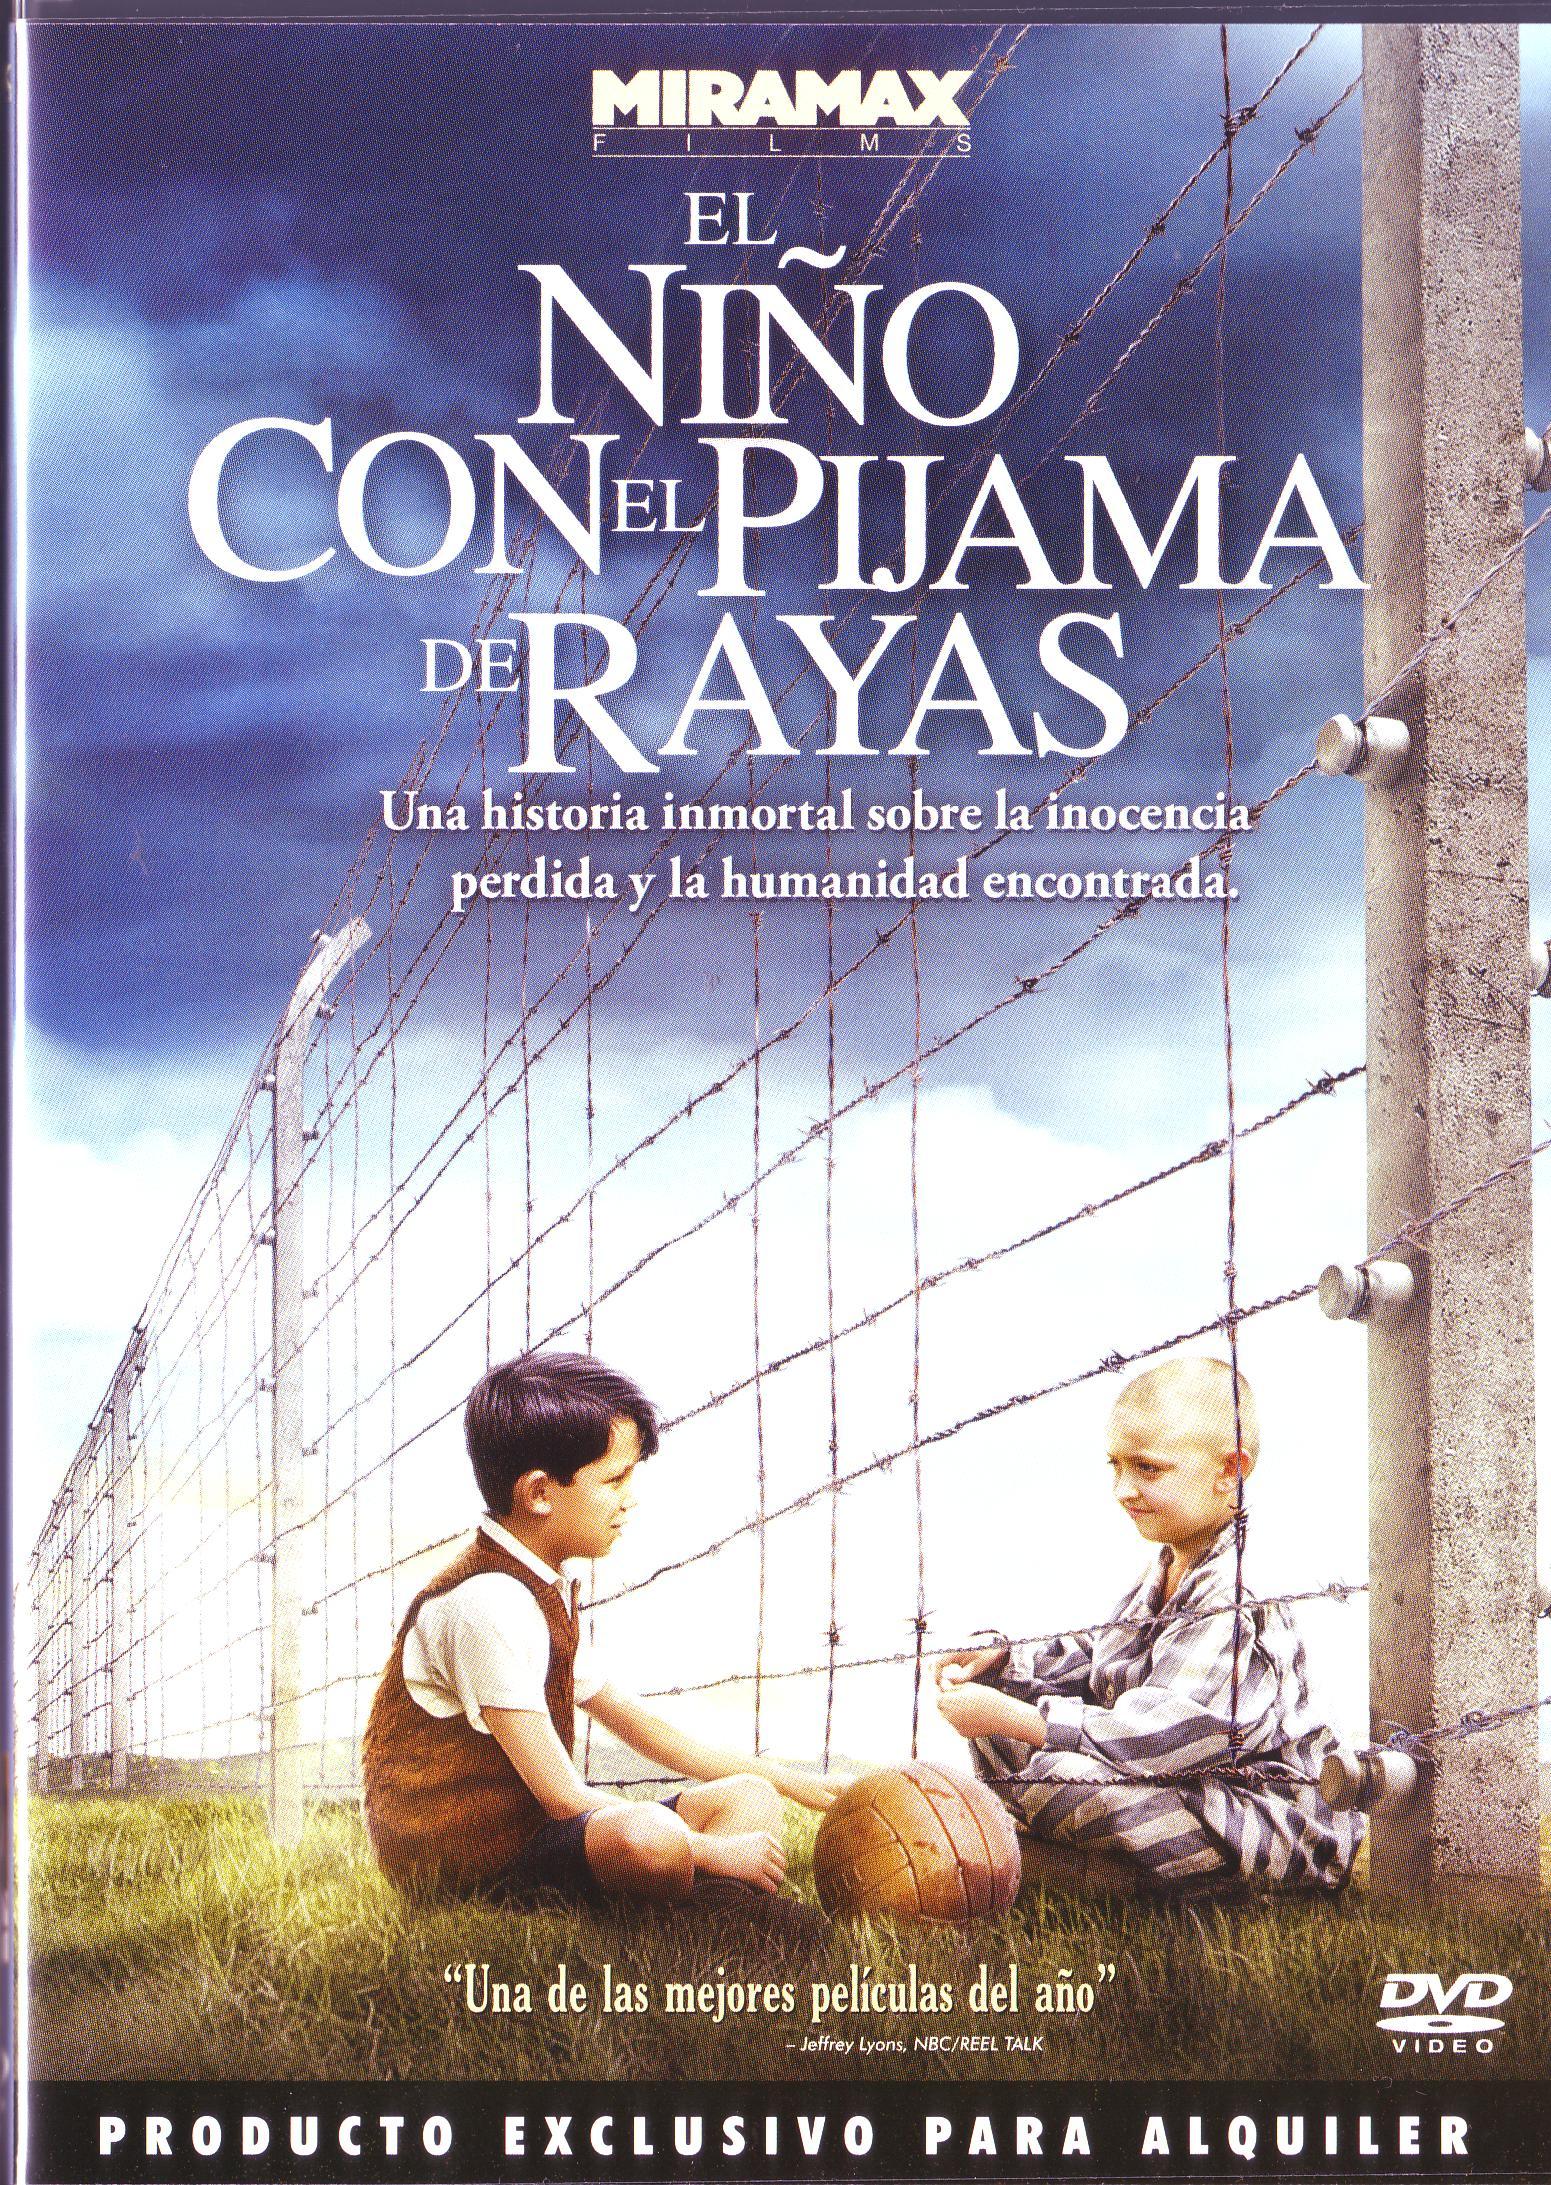 El niño con el pijama de rayas.   Películas y documentales